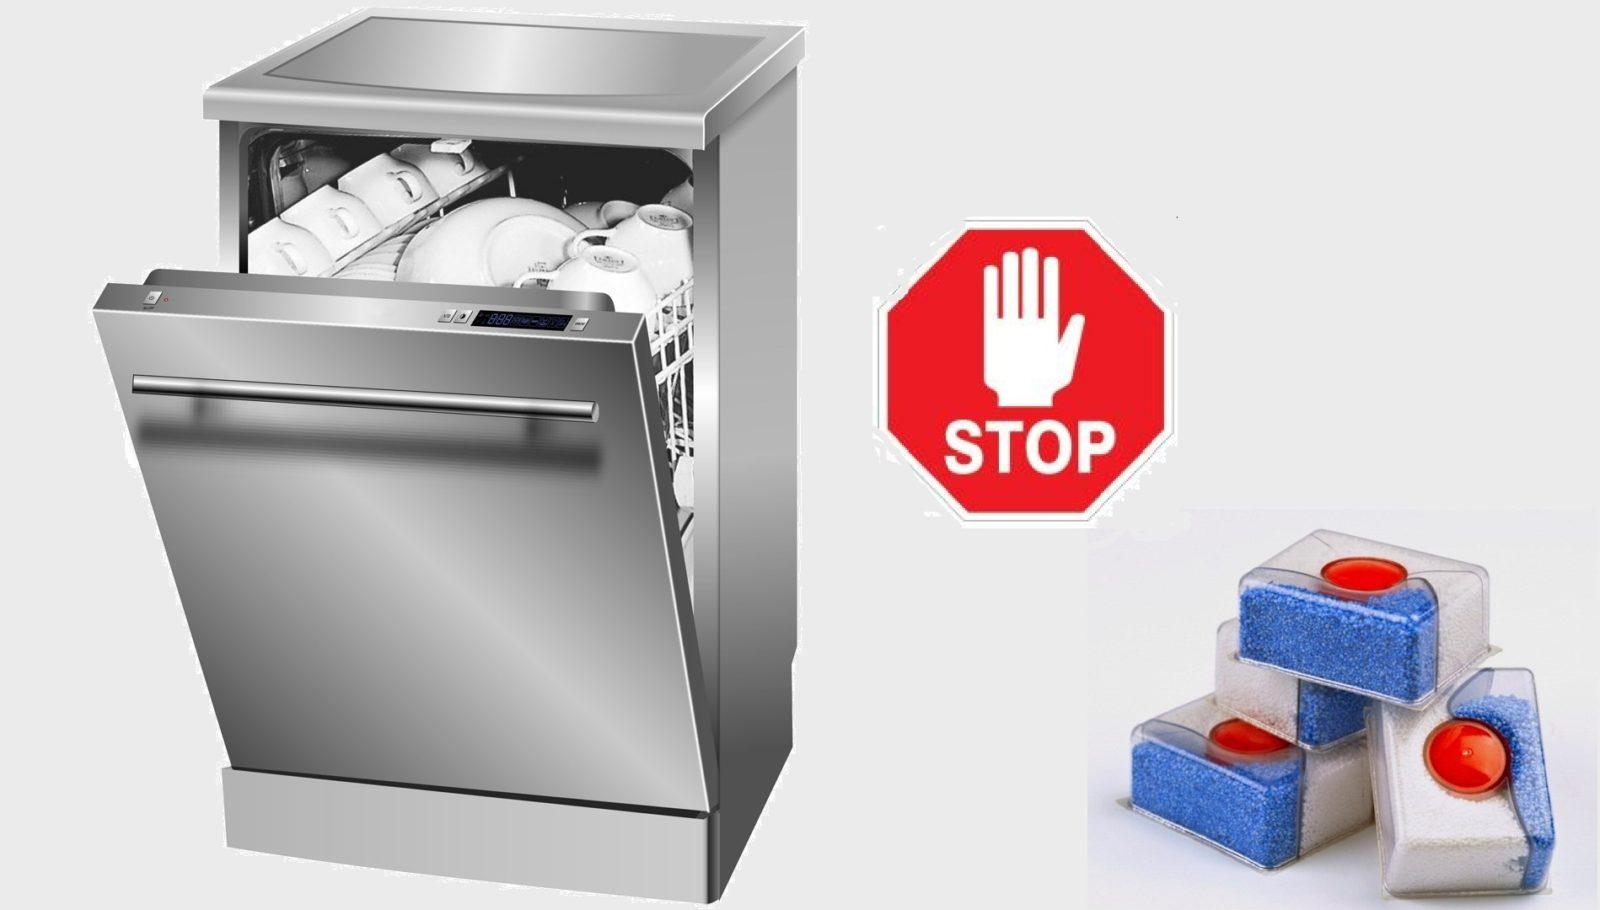 Не растворяется таблетка в посудомоечной машине - что делать?